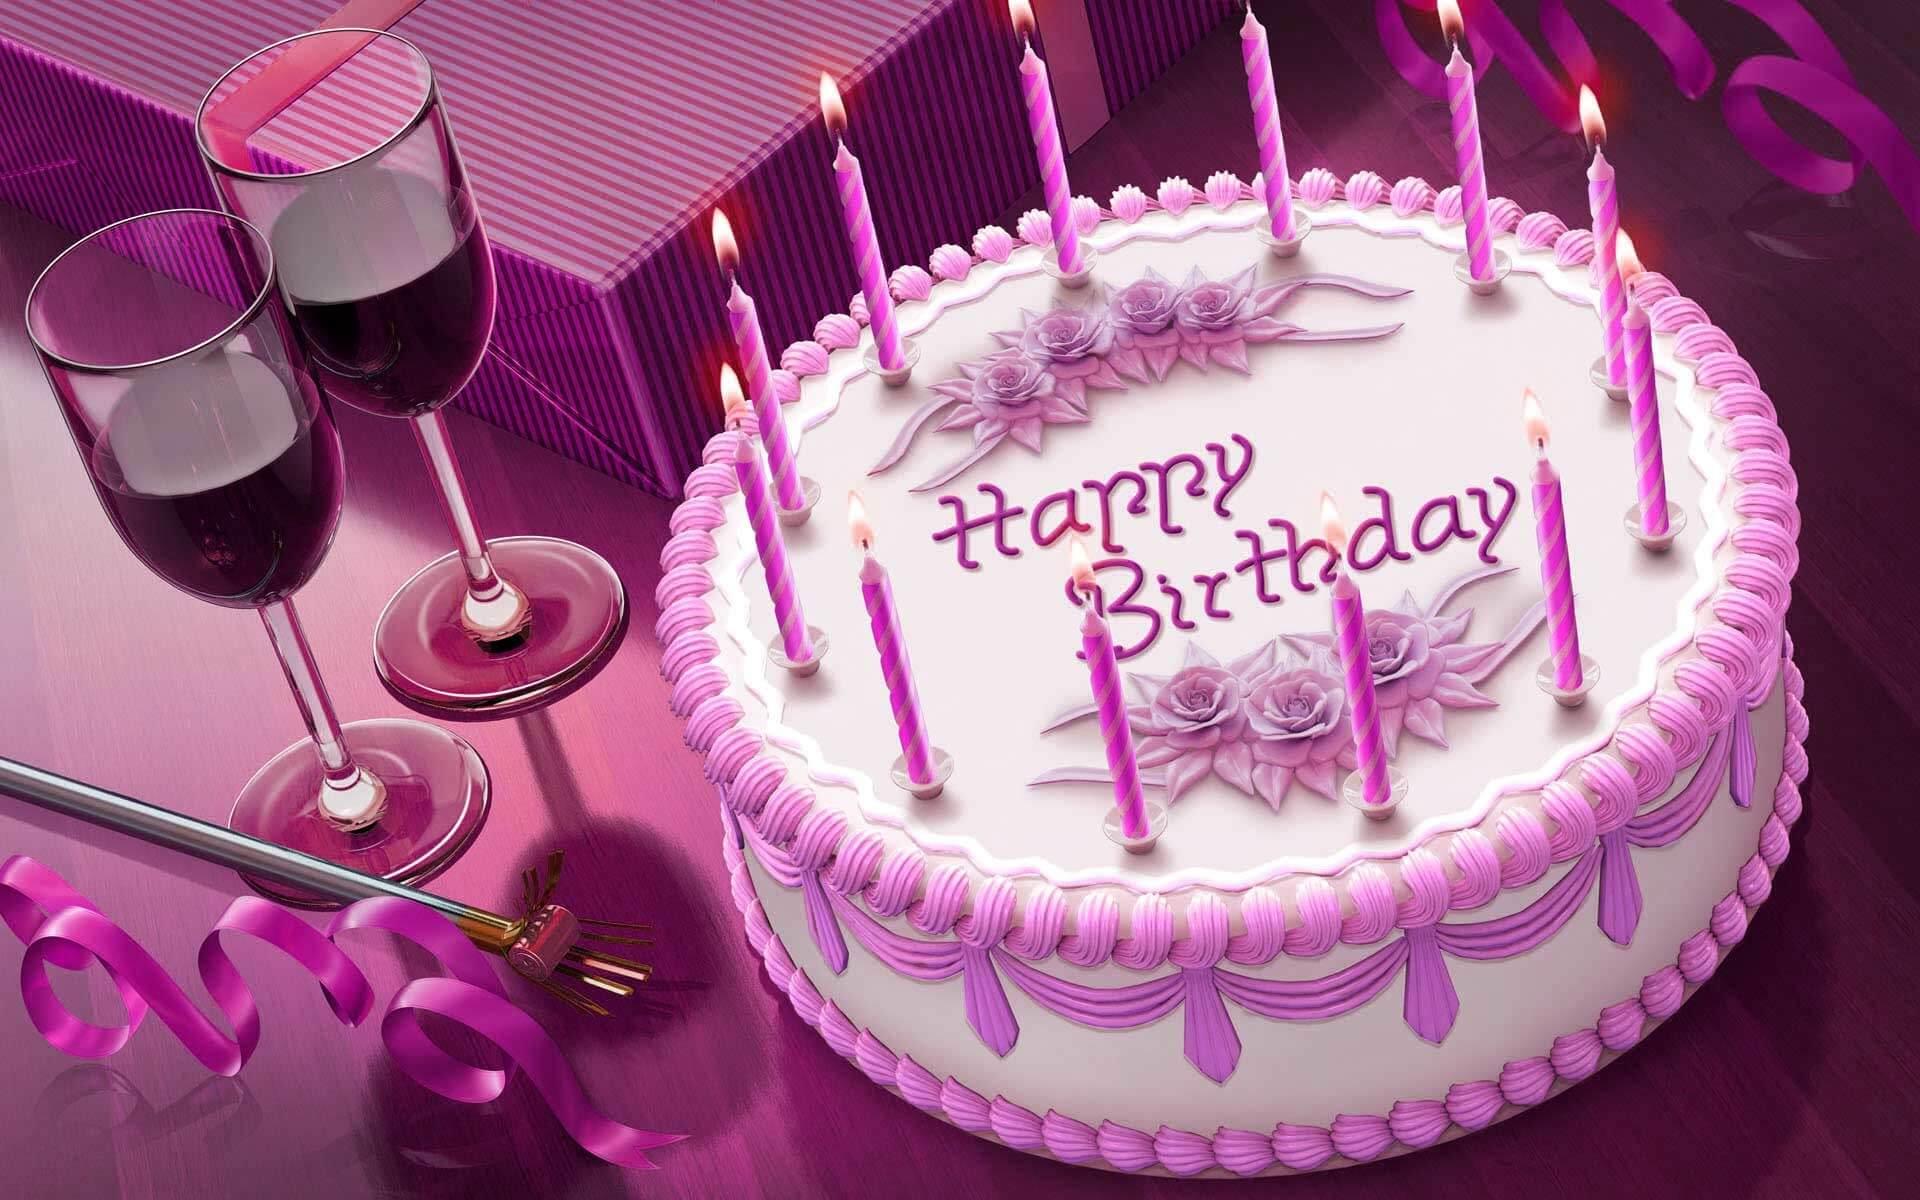 Những câu chúc sinh nhật người yêu hay nhất